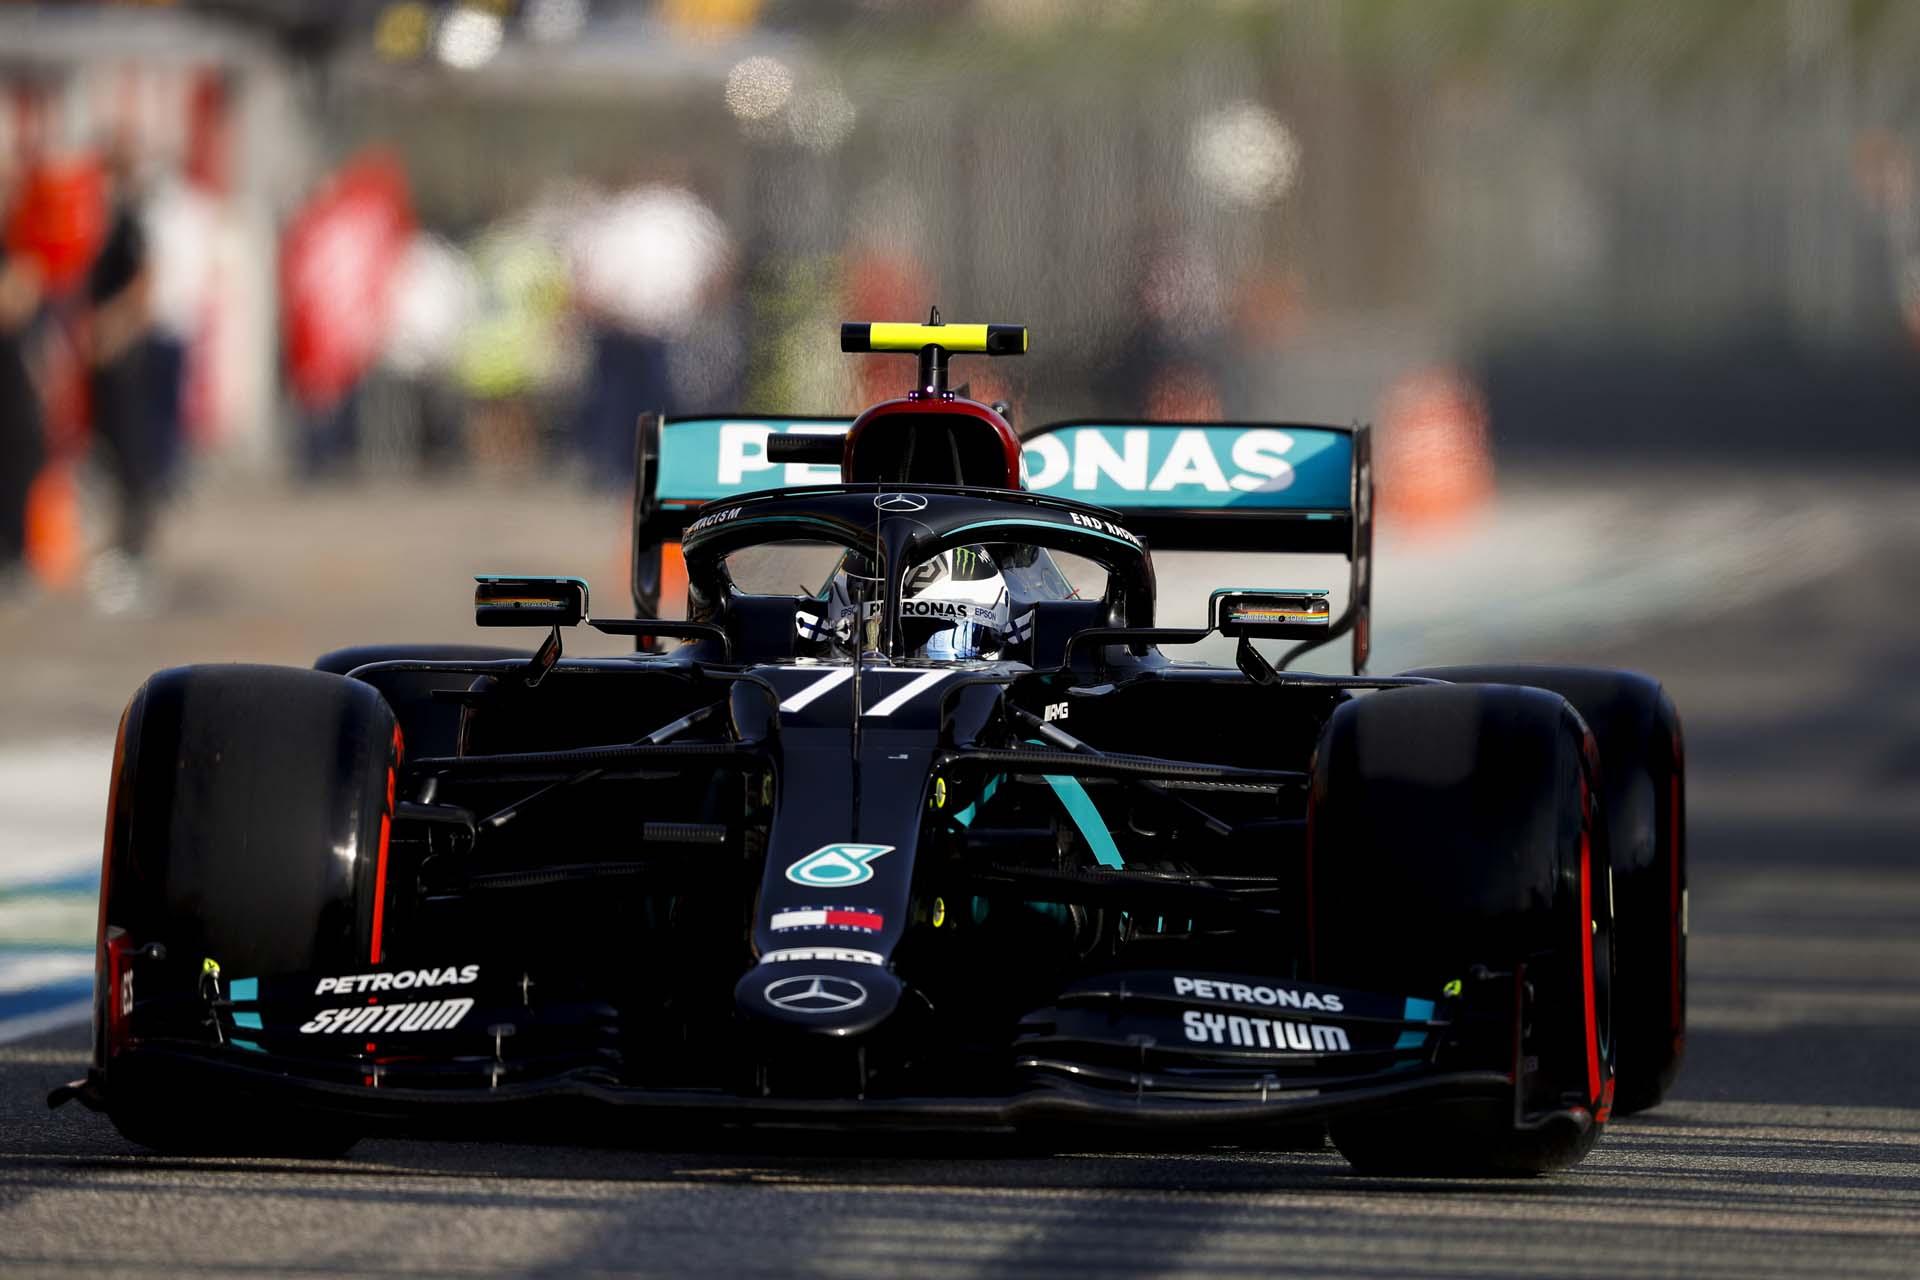 2020 Emilia Romagna Grand Prix, Saturday - LAT Images